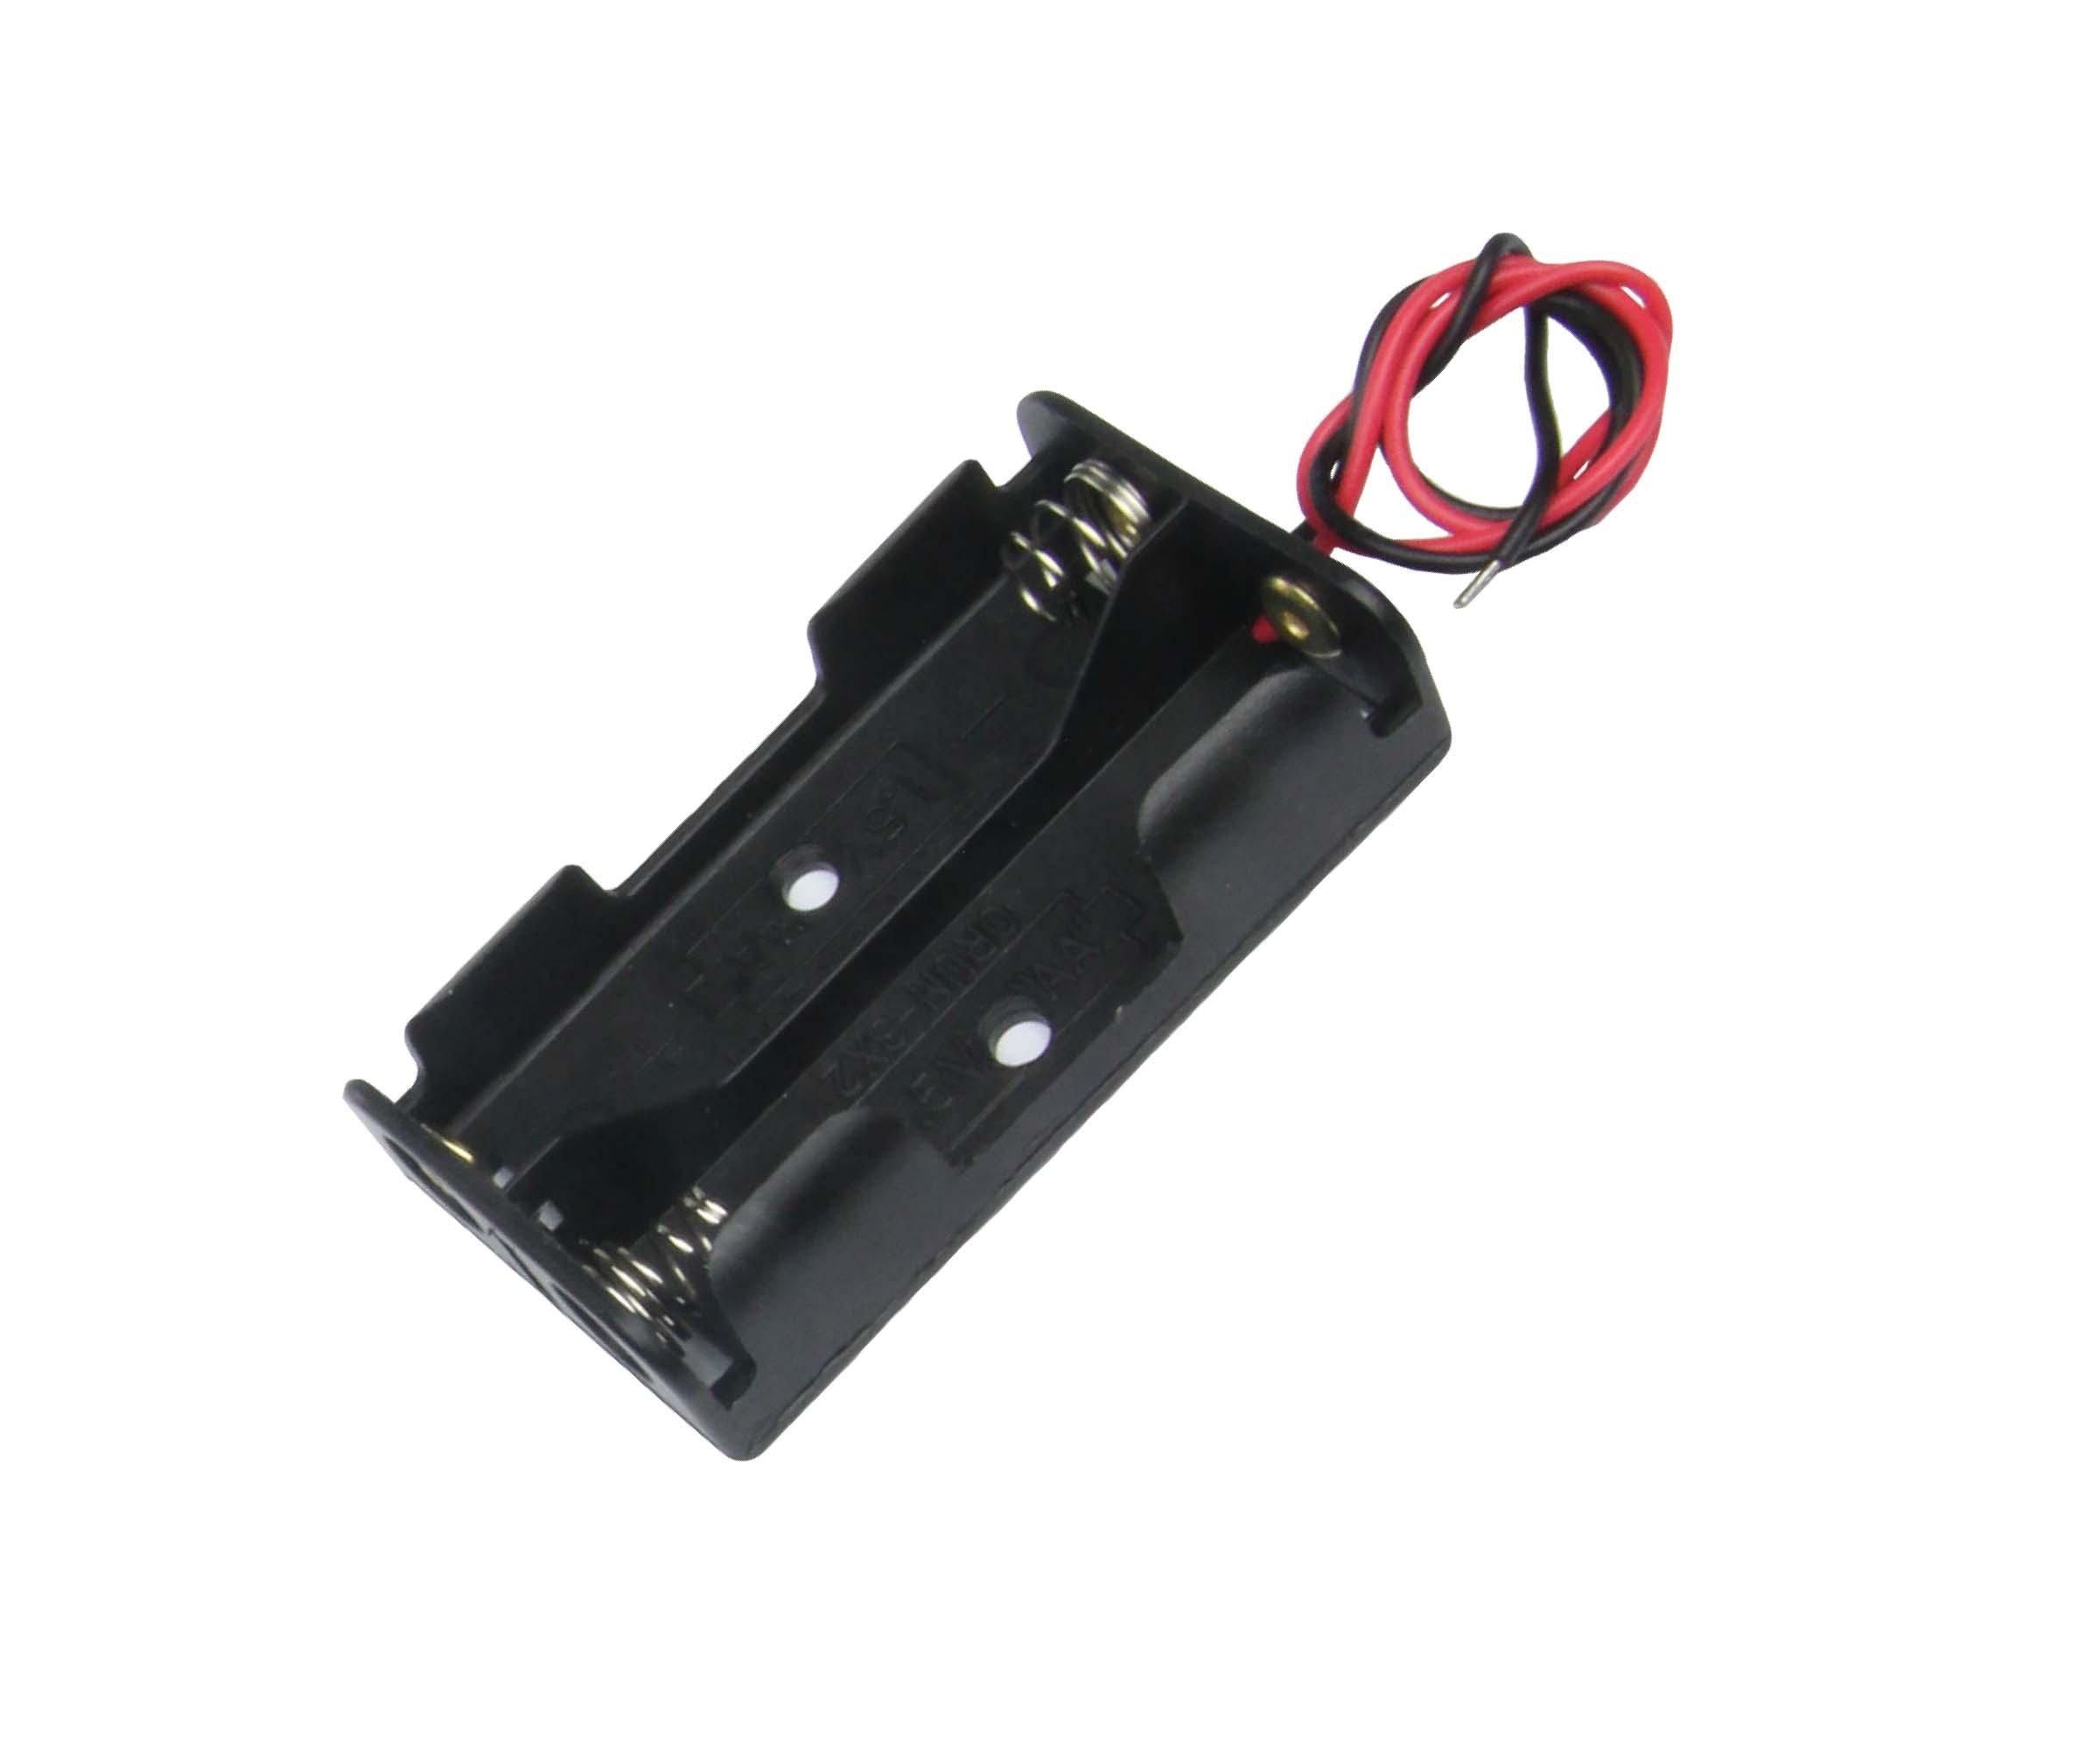 GSK-BAT3V: 3 V BATTERY PACK, 2 X AA